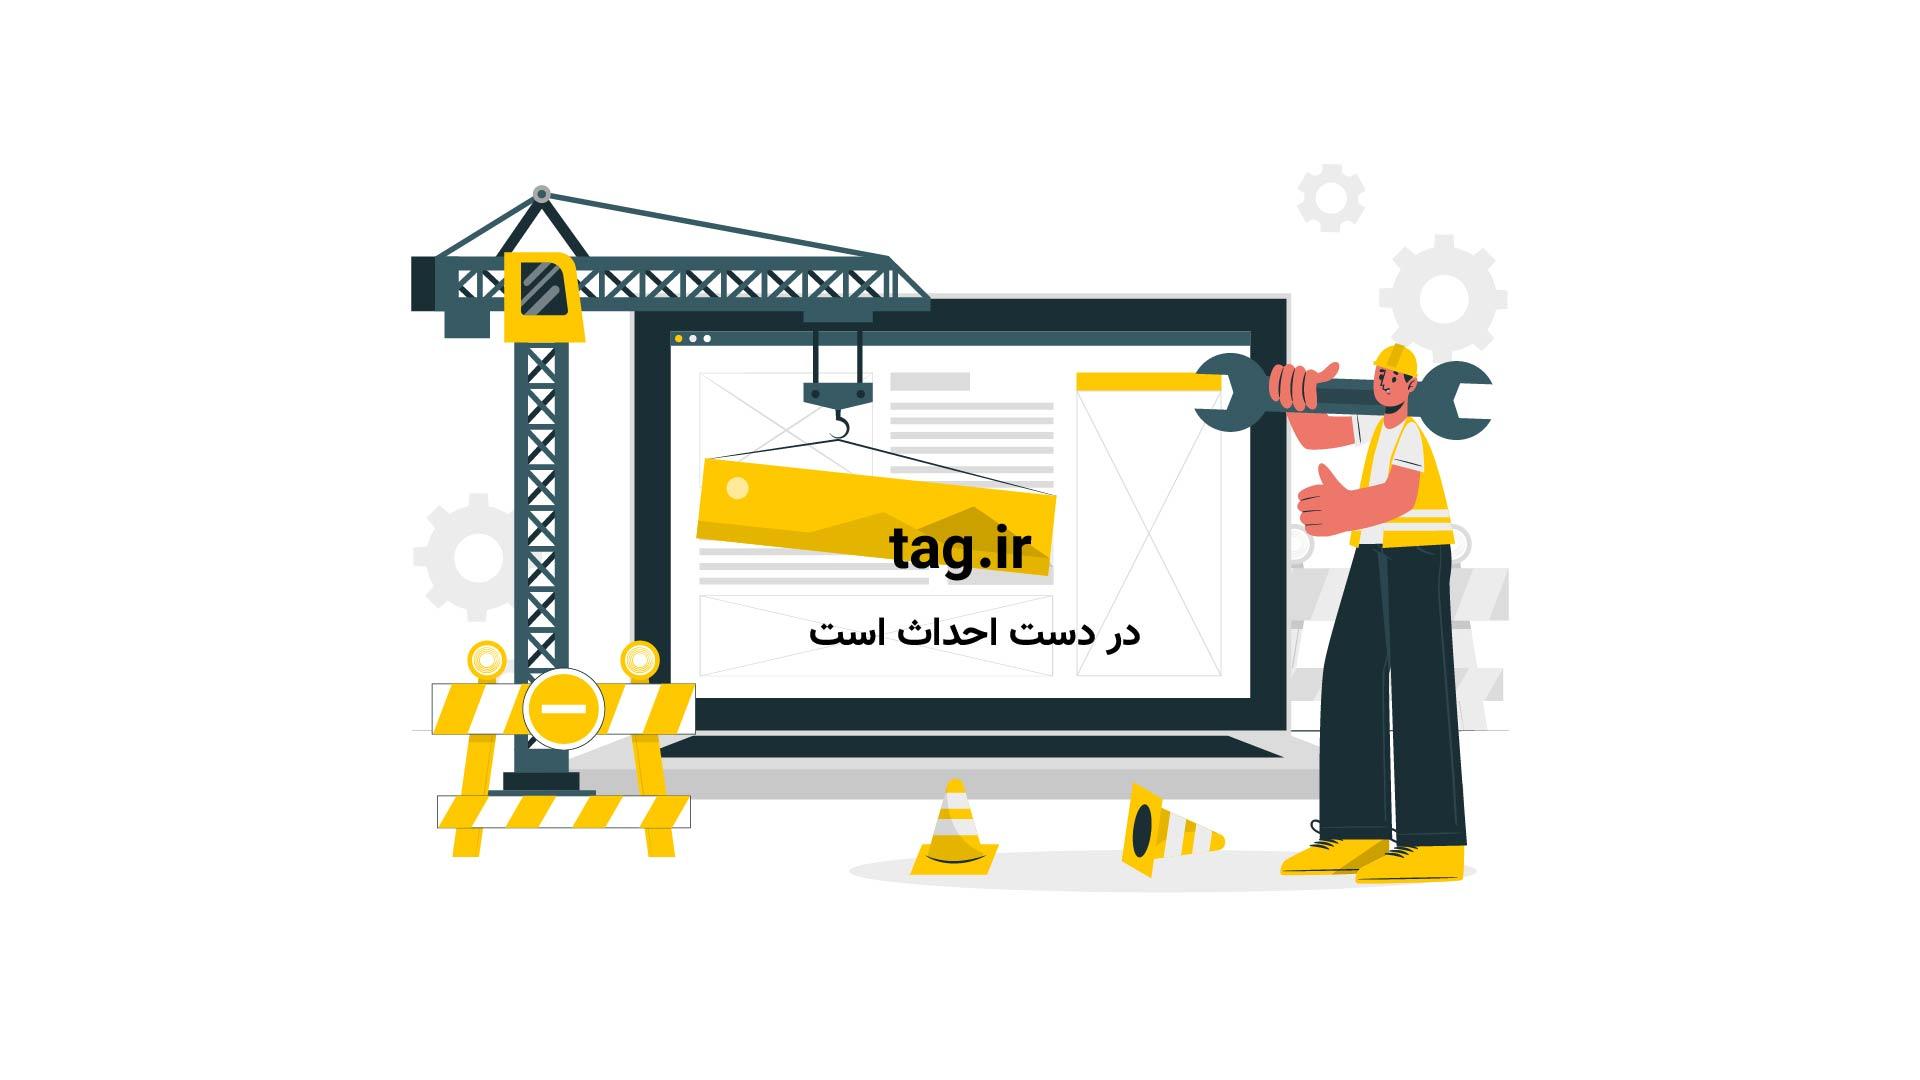 کابین ویژه در هواپیماهای مسافرتی آینده؛ آسمان را تماشا کنید | فیلم